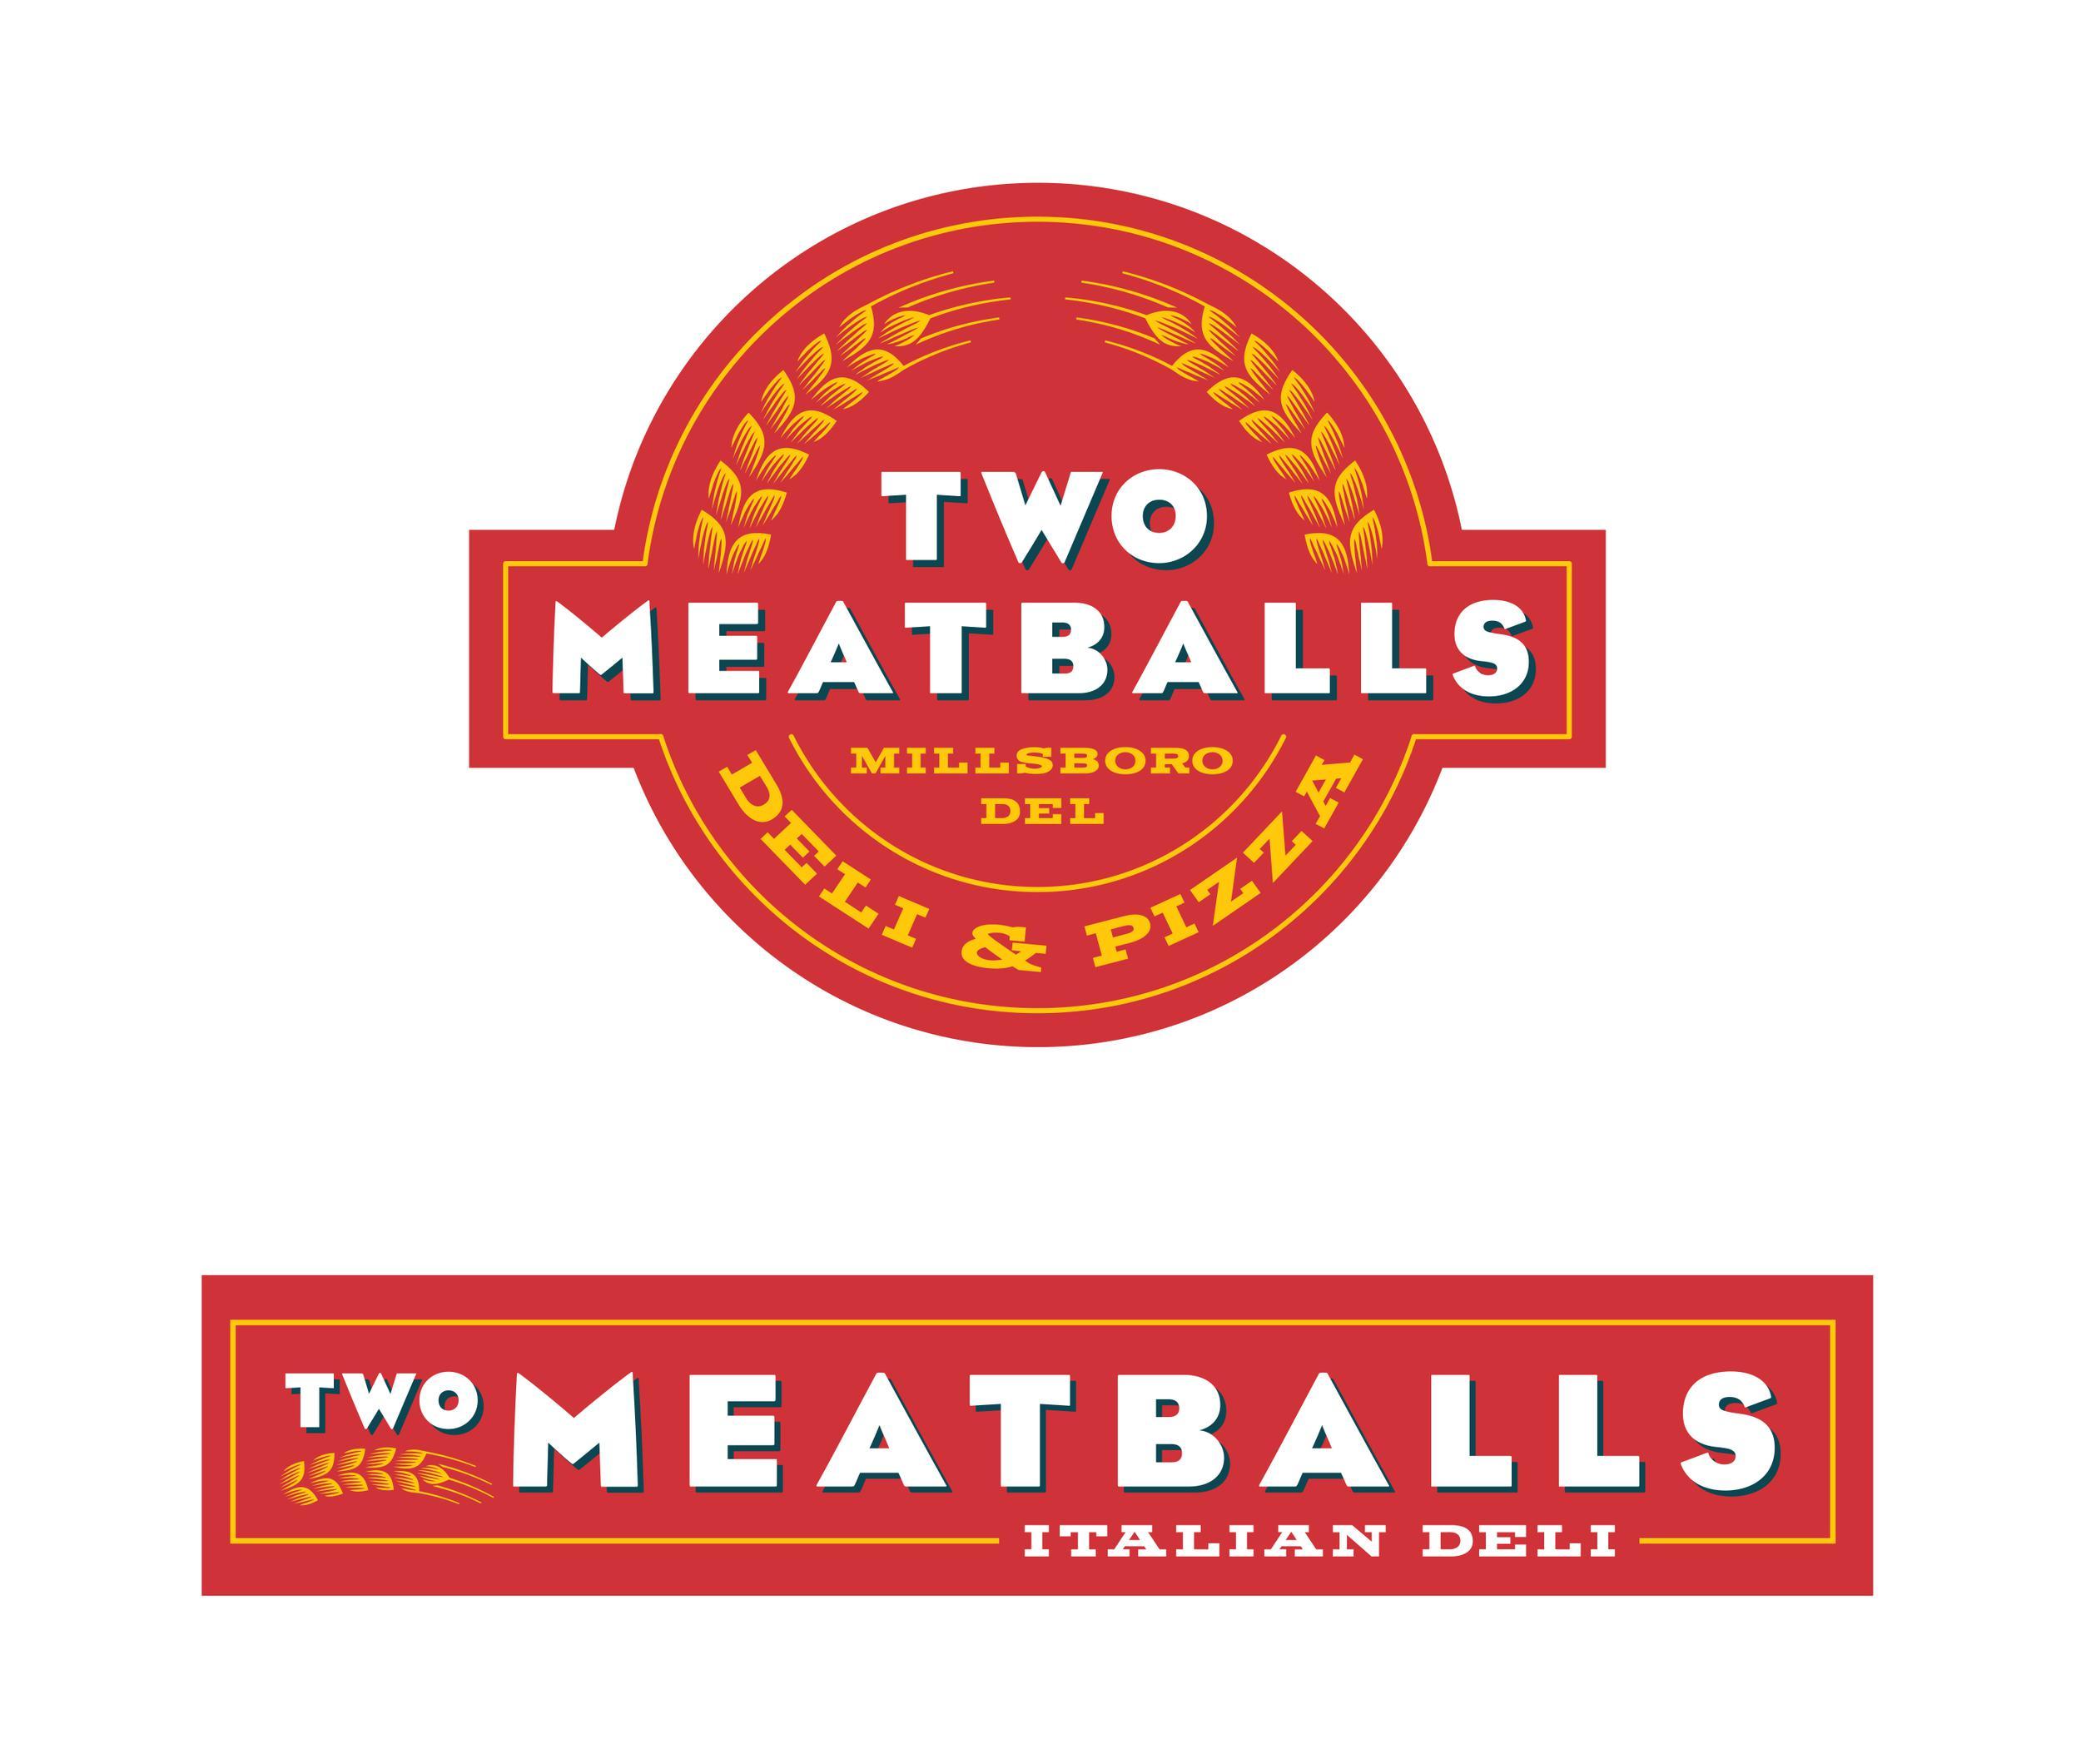 two_meaballs_branding_exploration-2.jpg